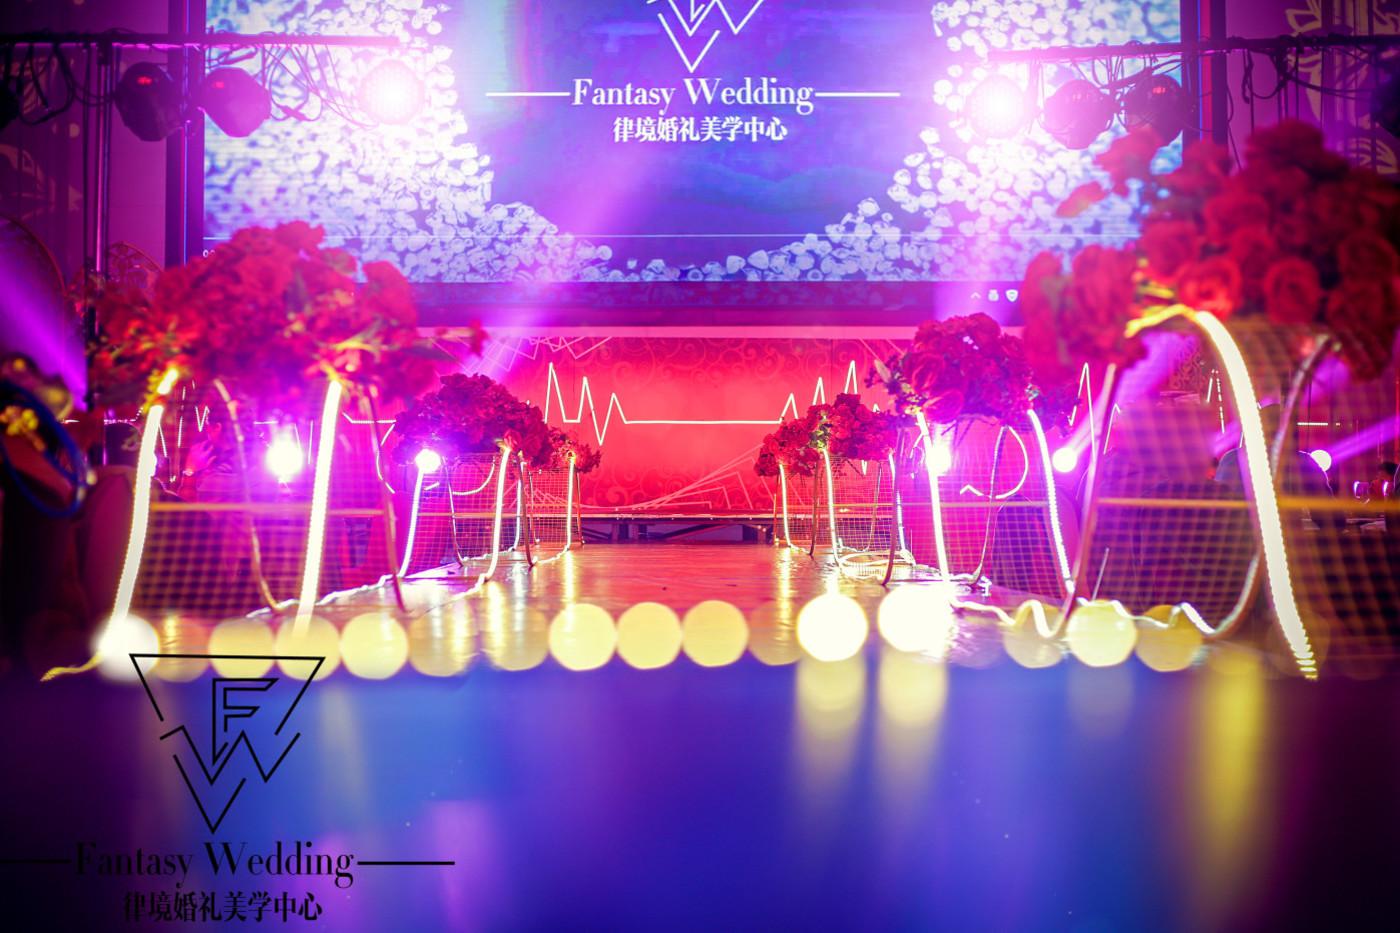 「Fantasy Wedding」&G R 白金汉爵23